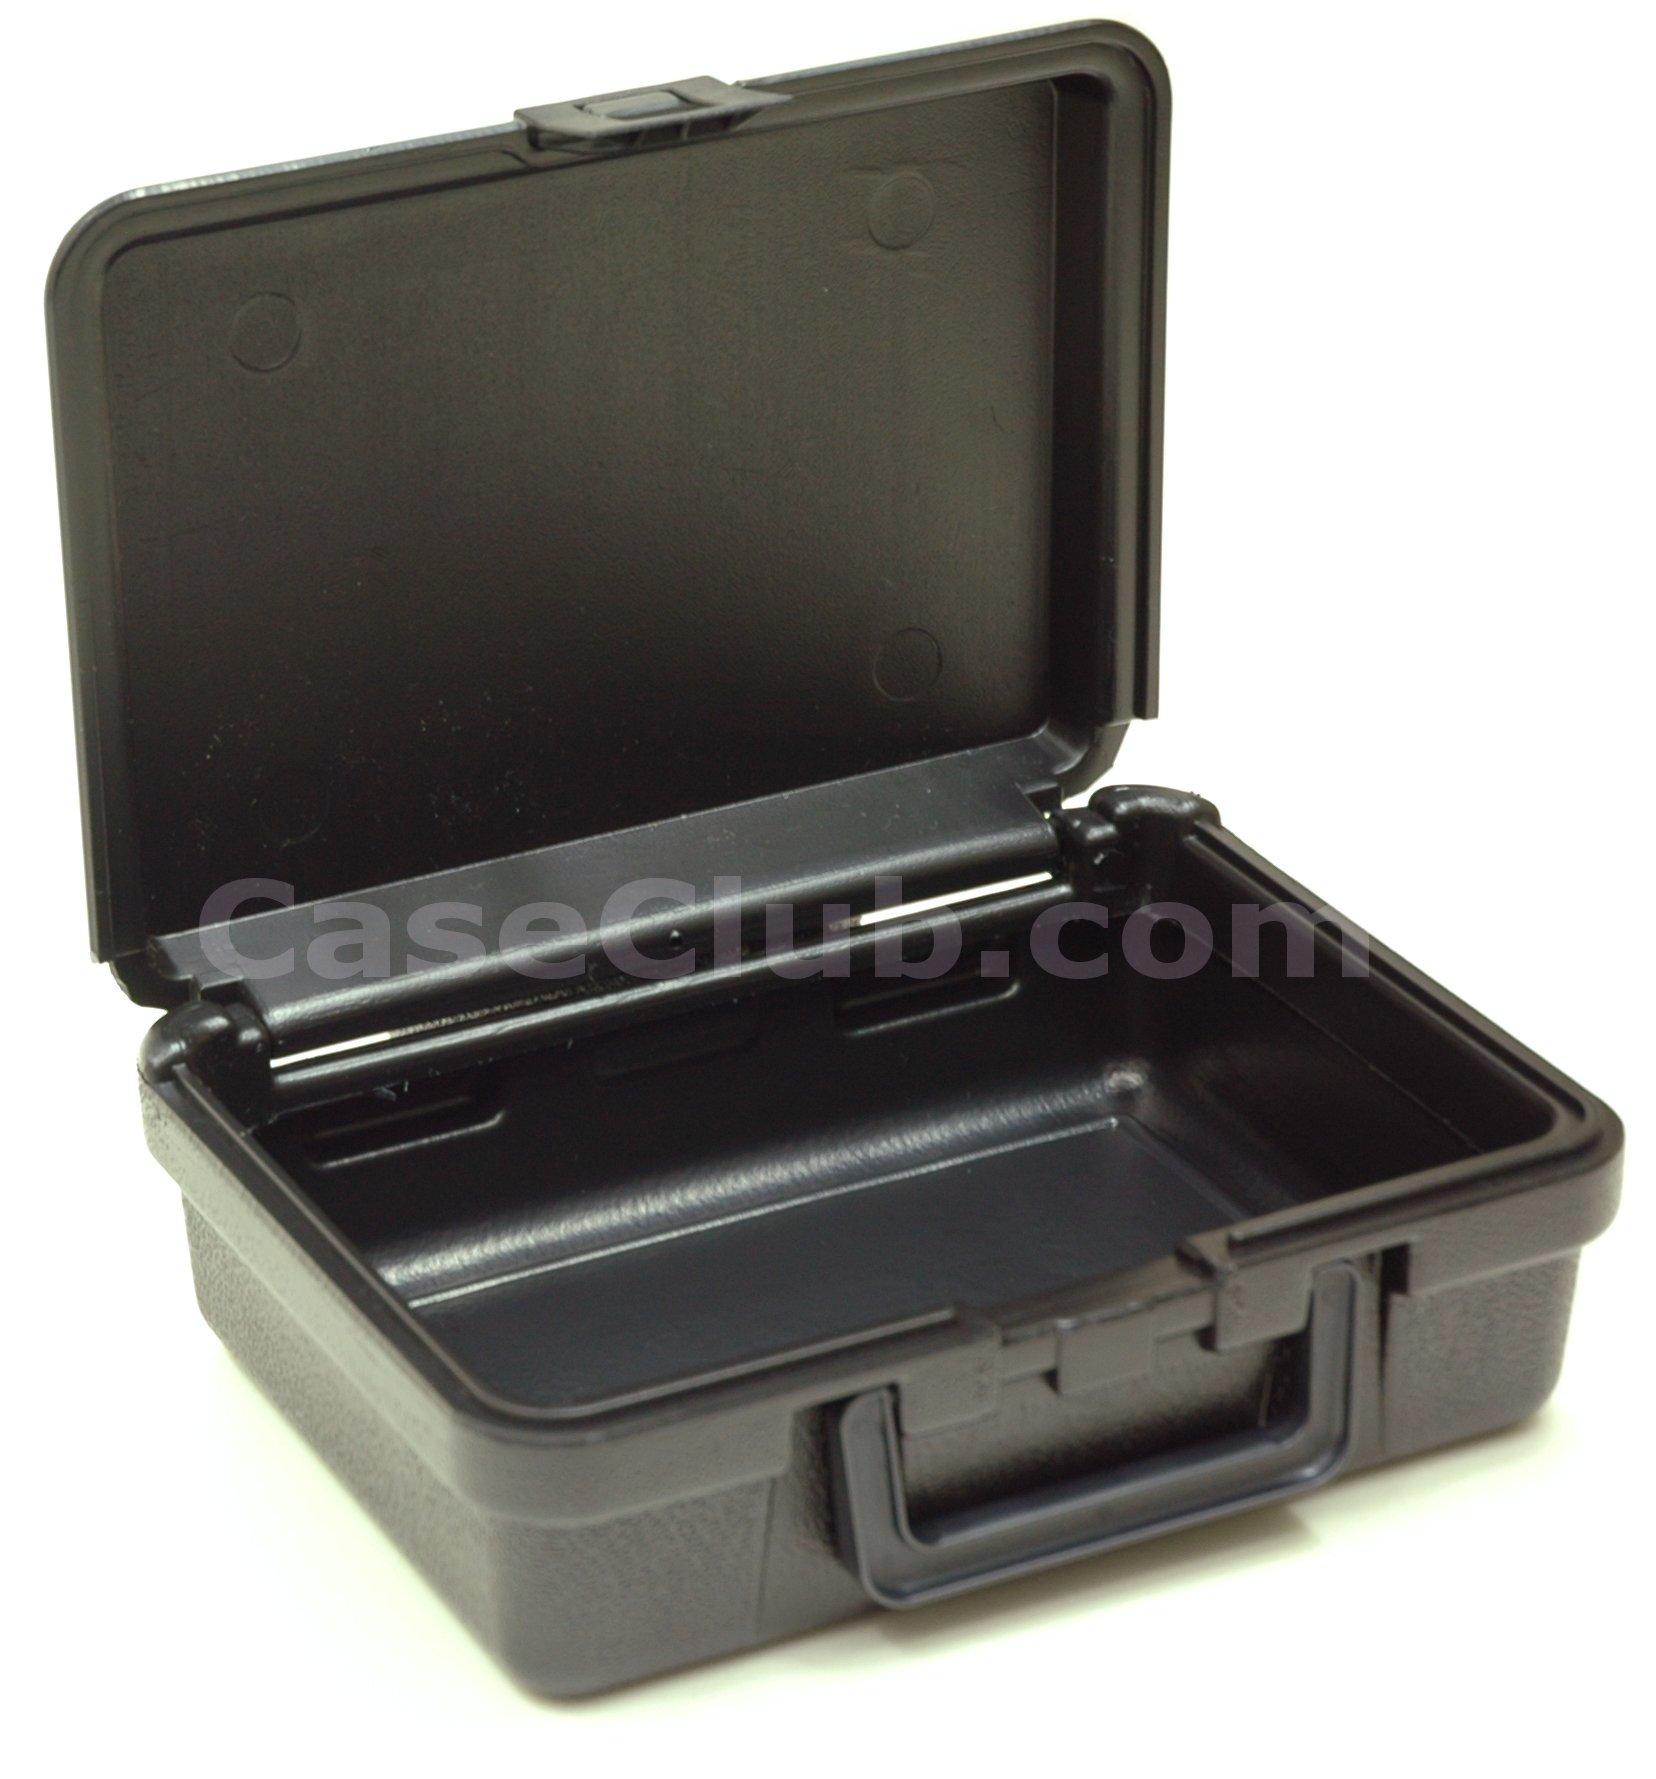 WR10x7.5x3.75 Case